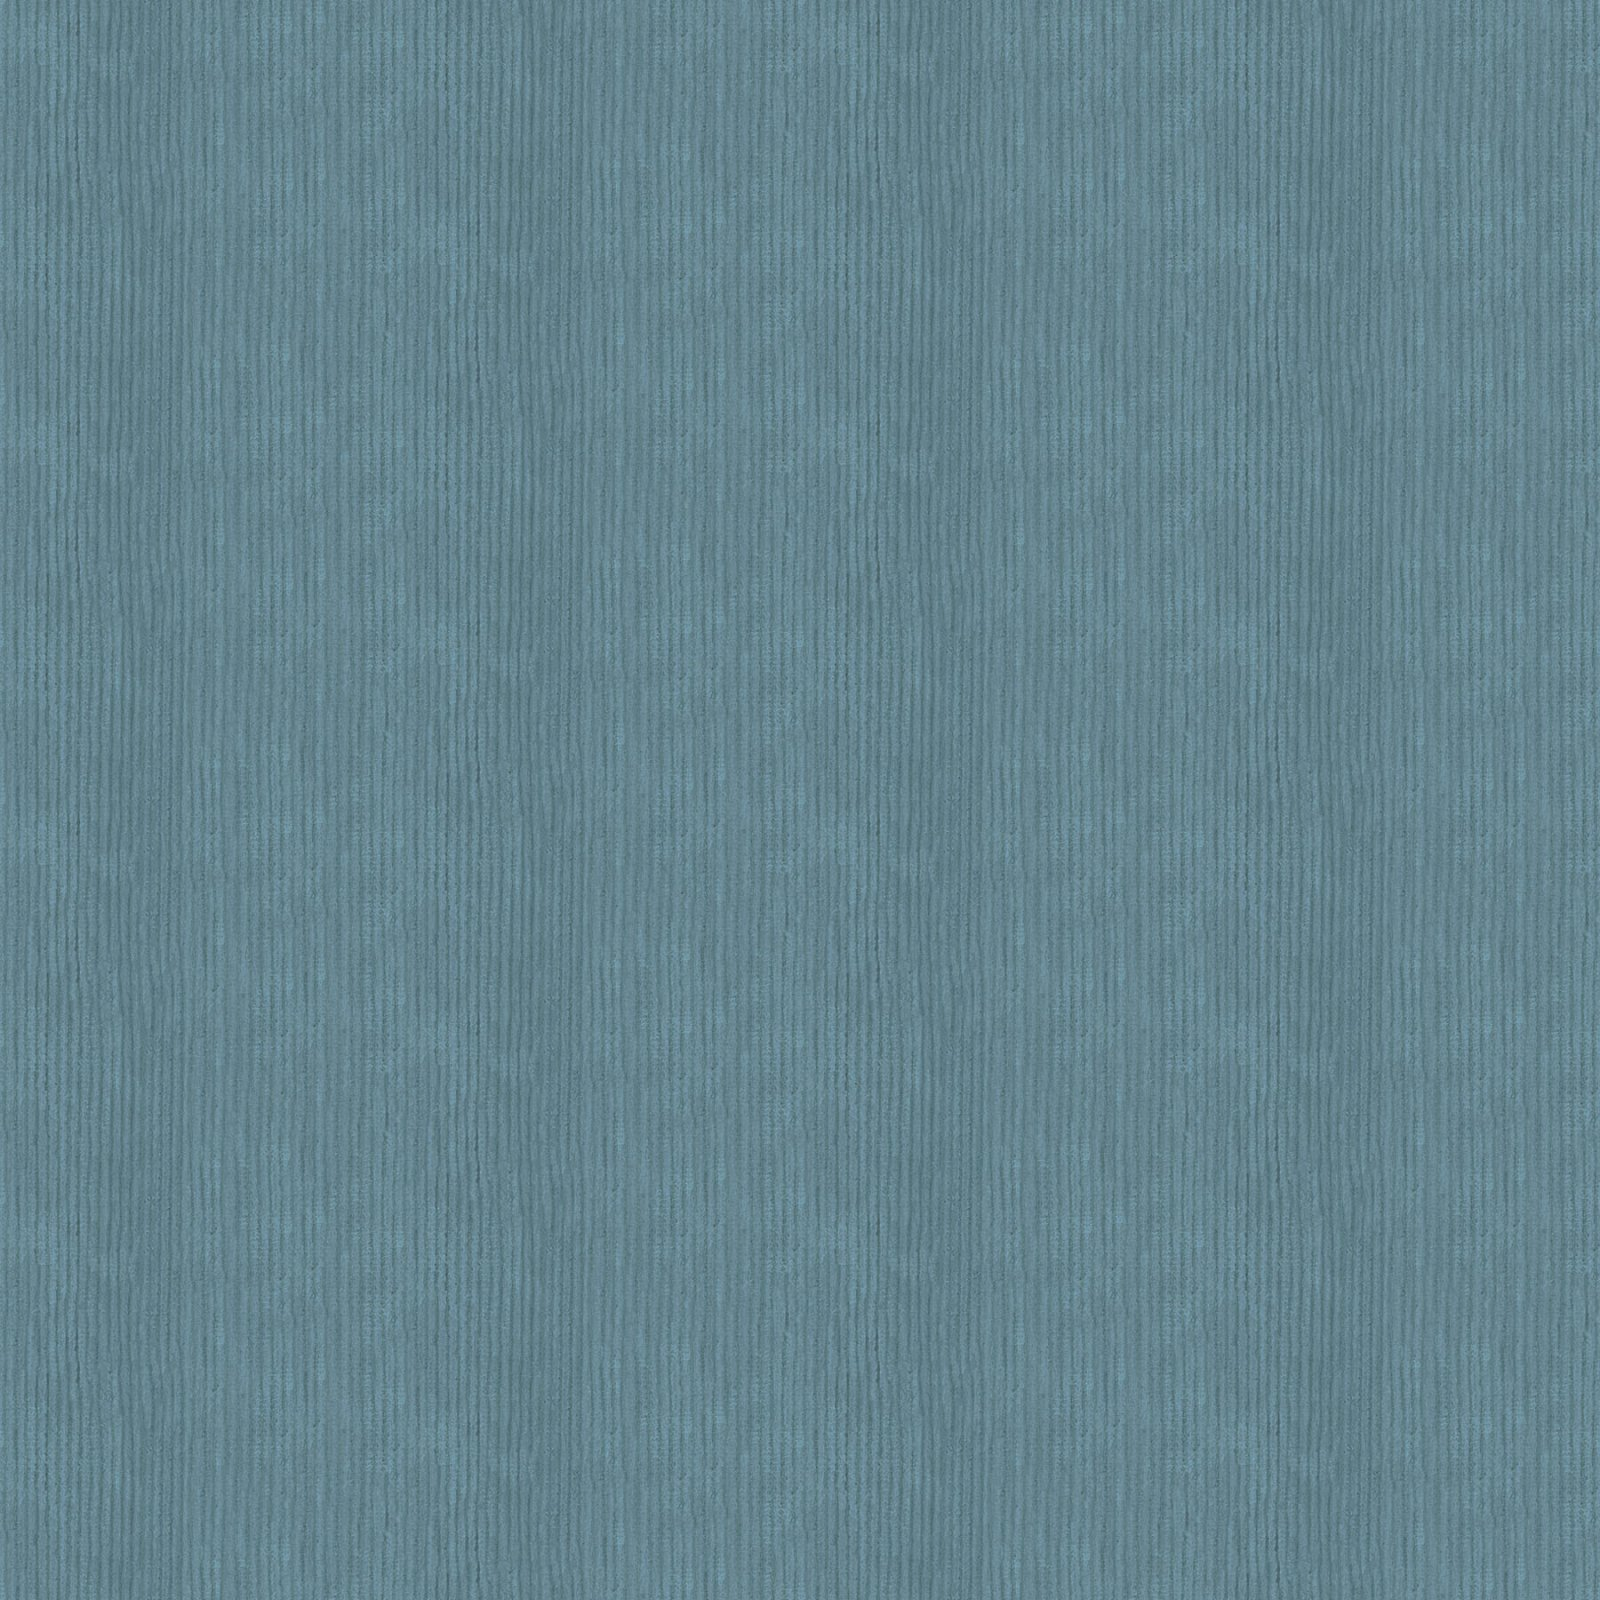 WINTER VILLAGE - TEXTURE - BLUE - 22379 42